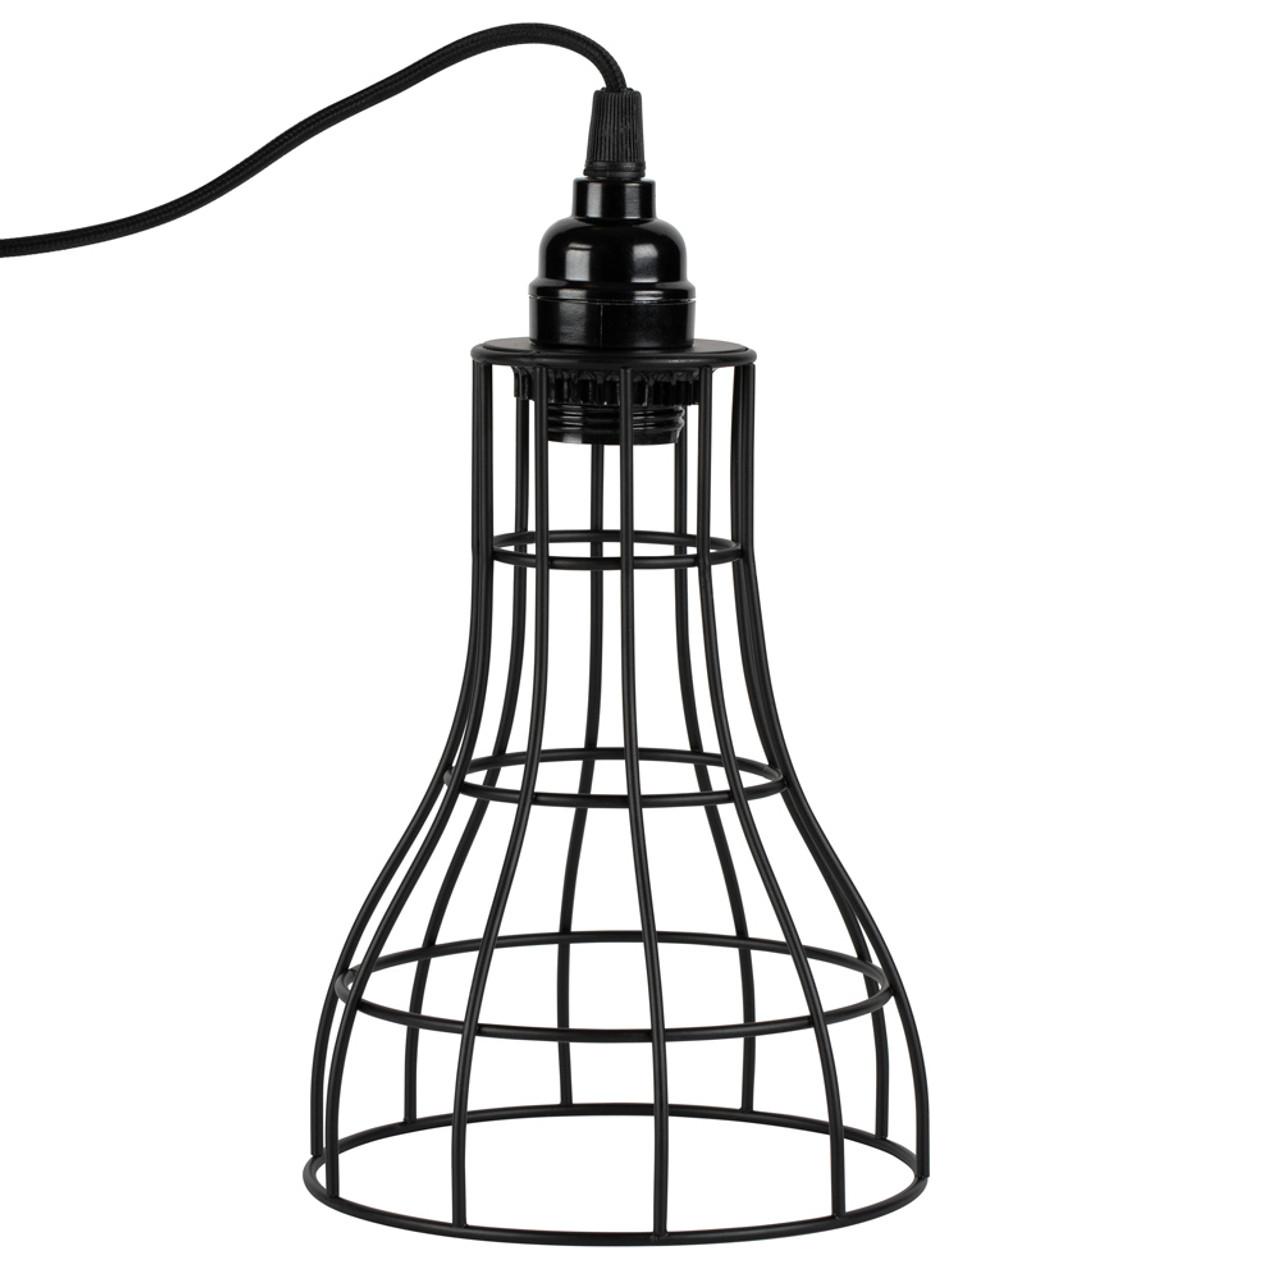 Black Hanging Cage Lamp Shade Kit